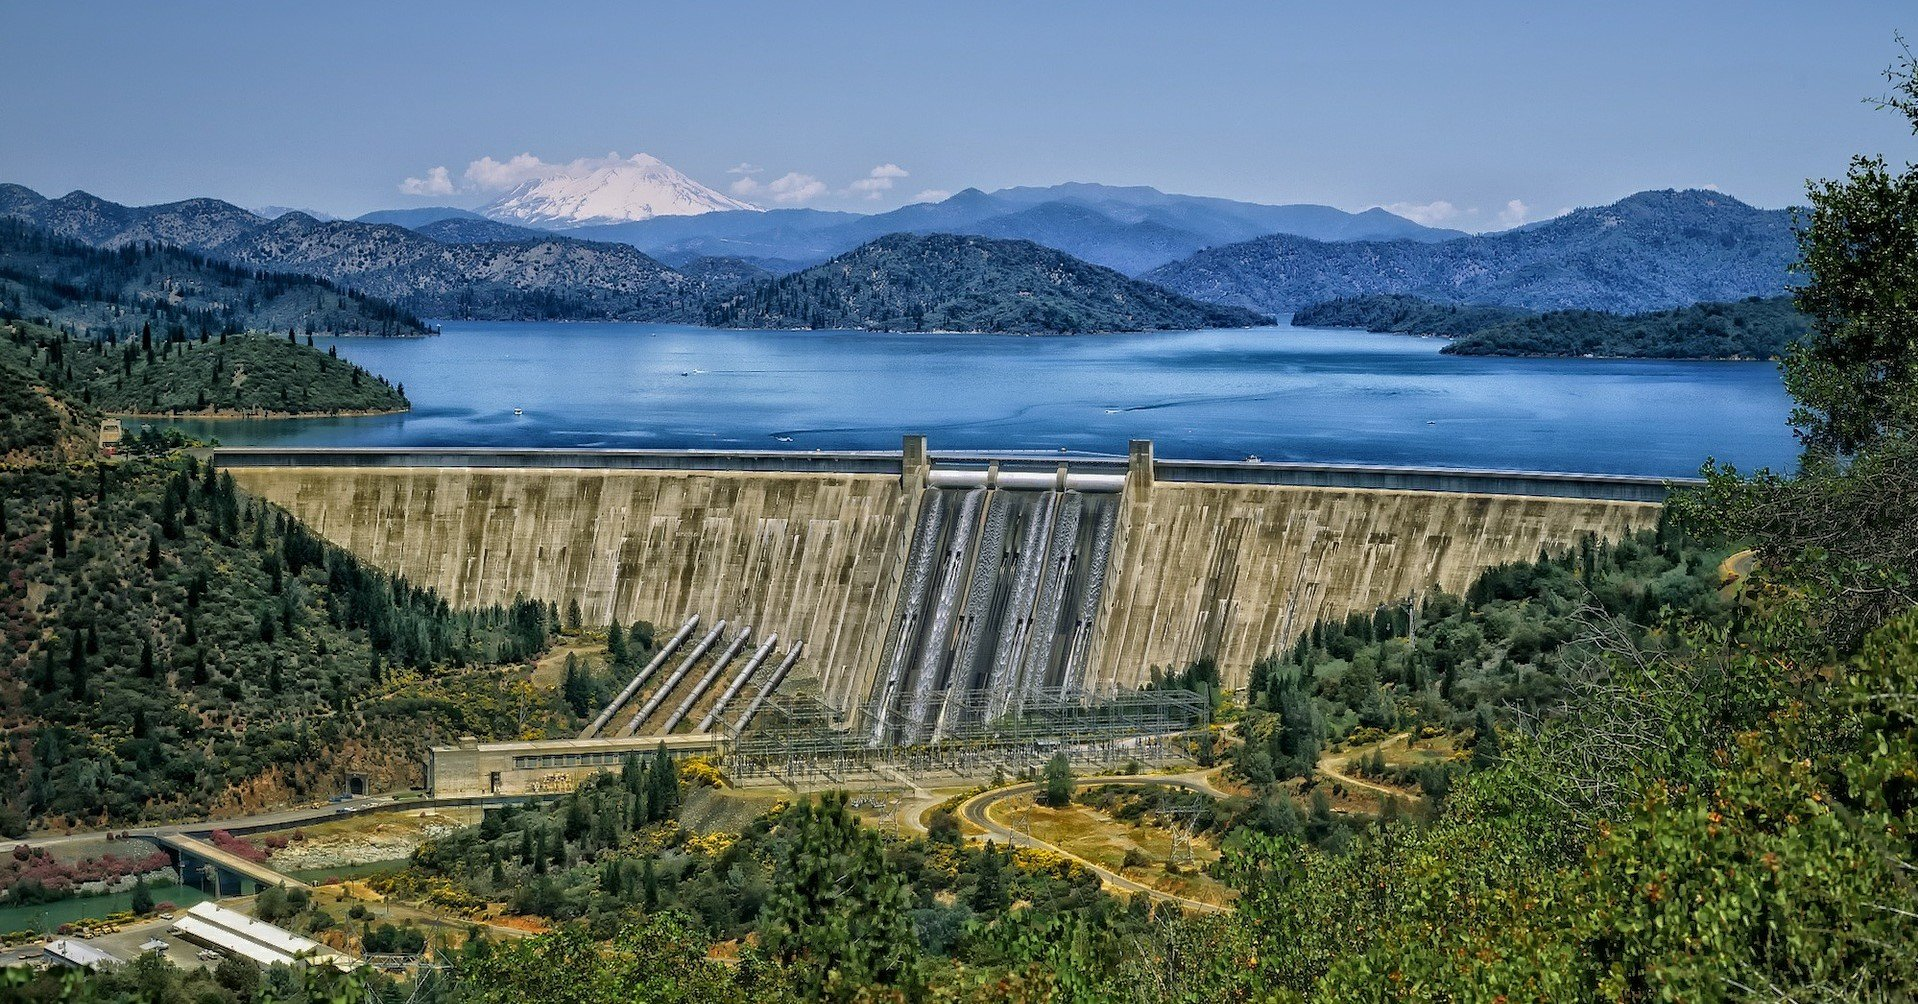 Fontana Dam in North Carolina - VeteranCarDonations.org